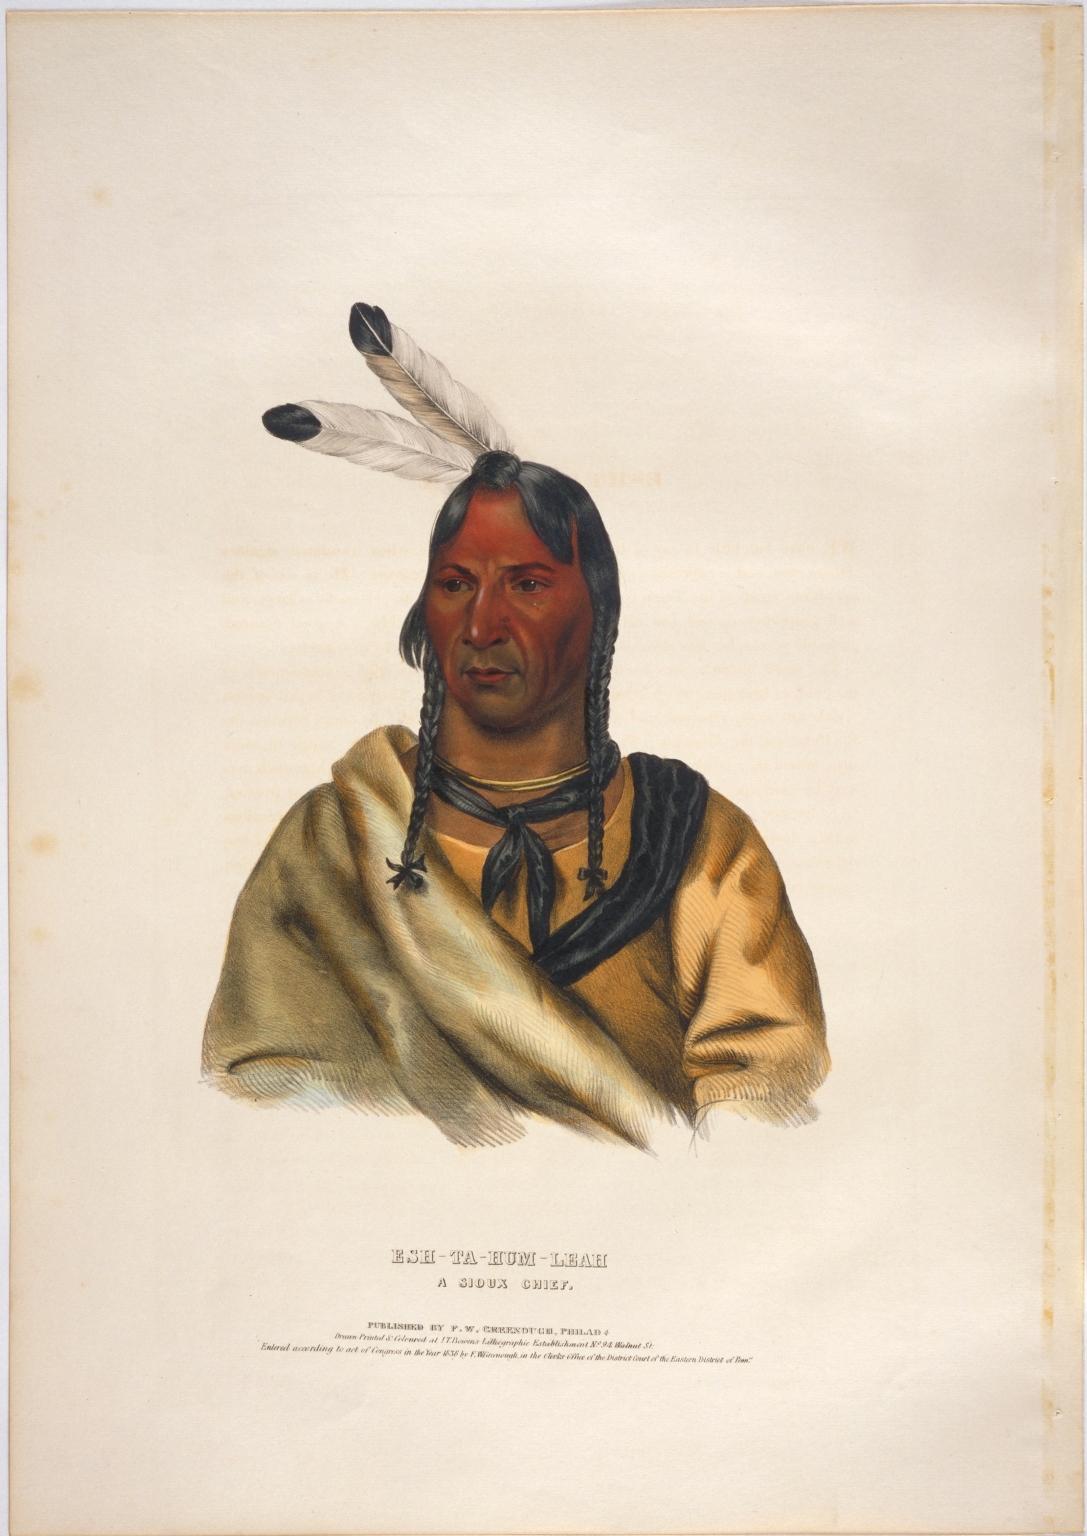 Esh-ta-hum-leah, a Sioux chief